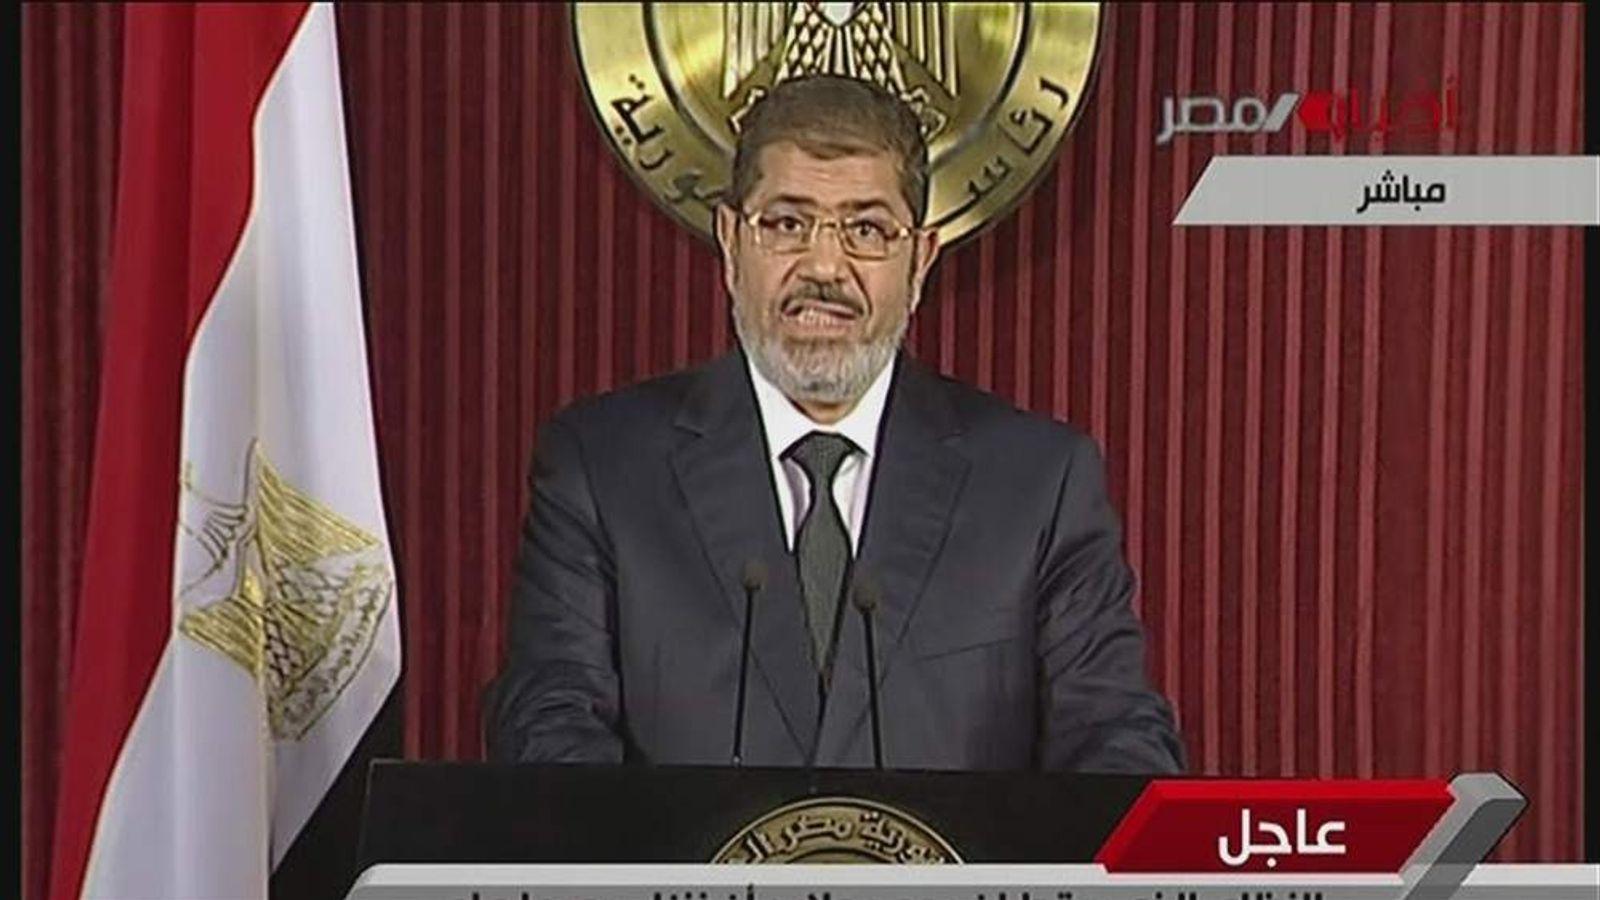 Egypt President Mohamed Morsi